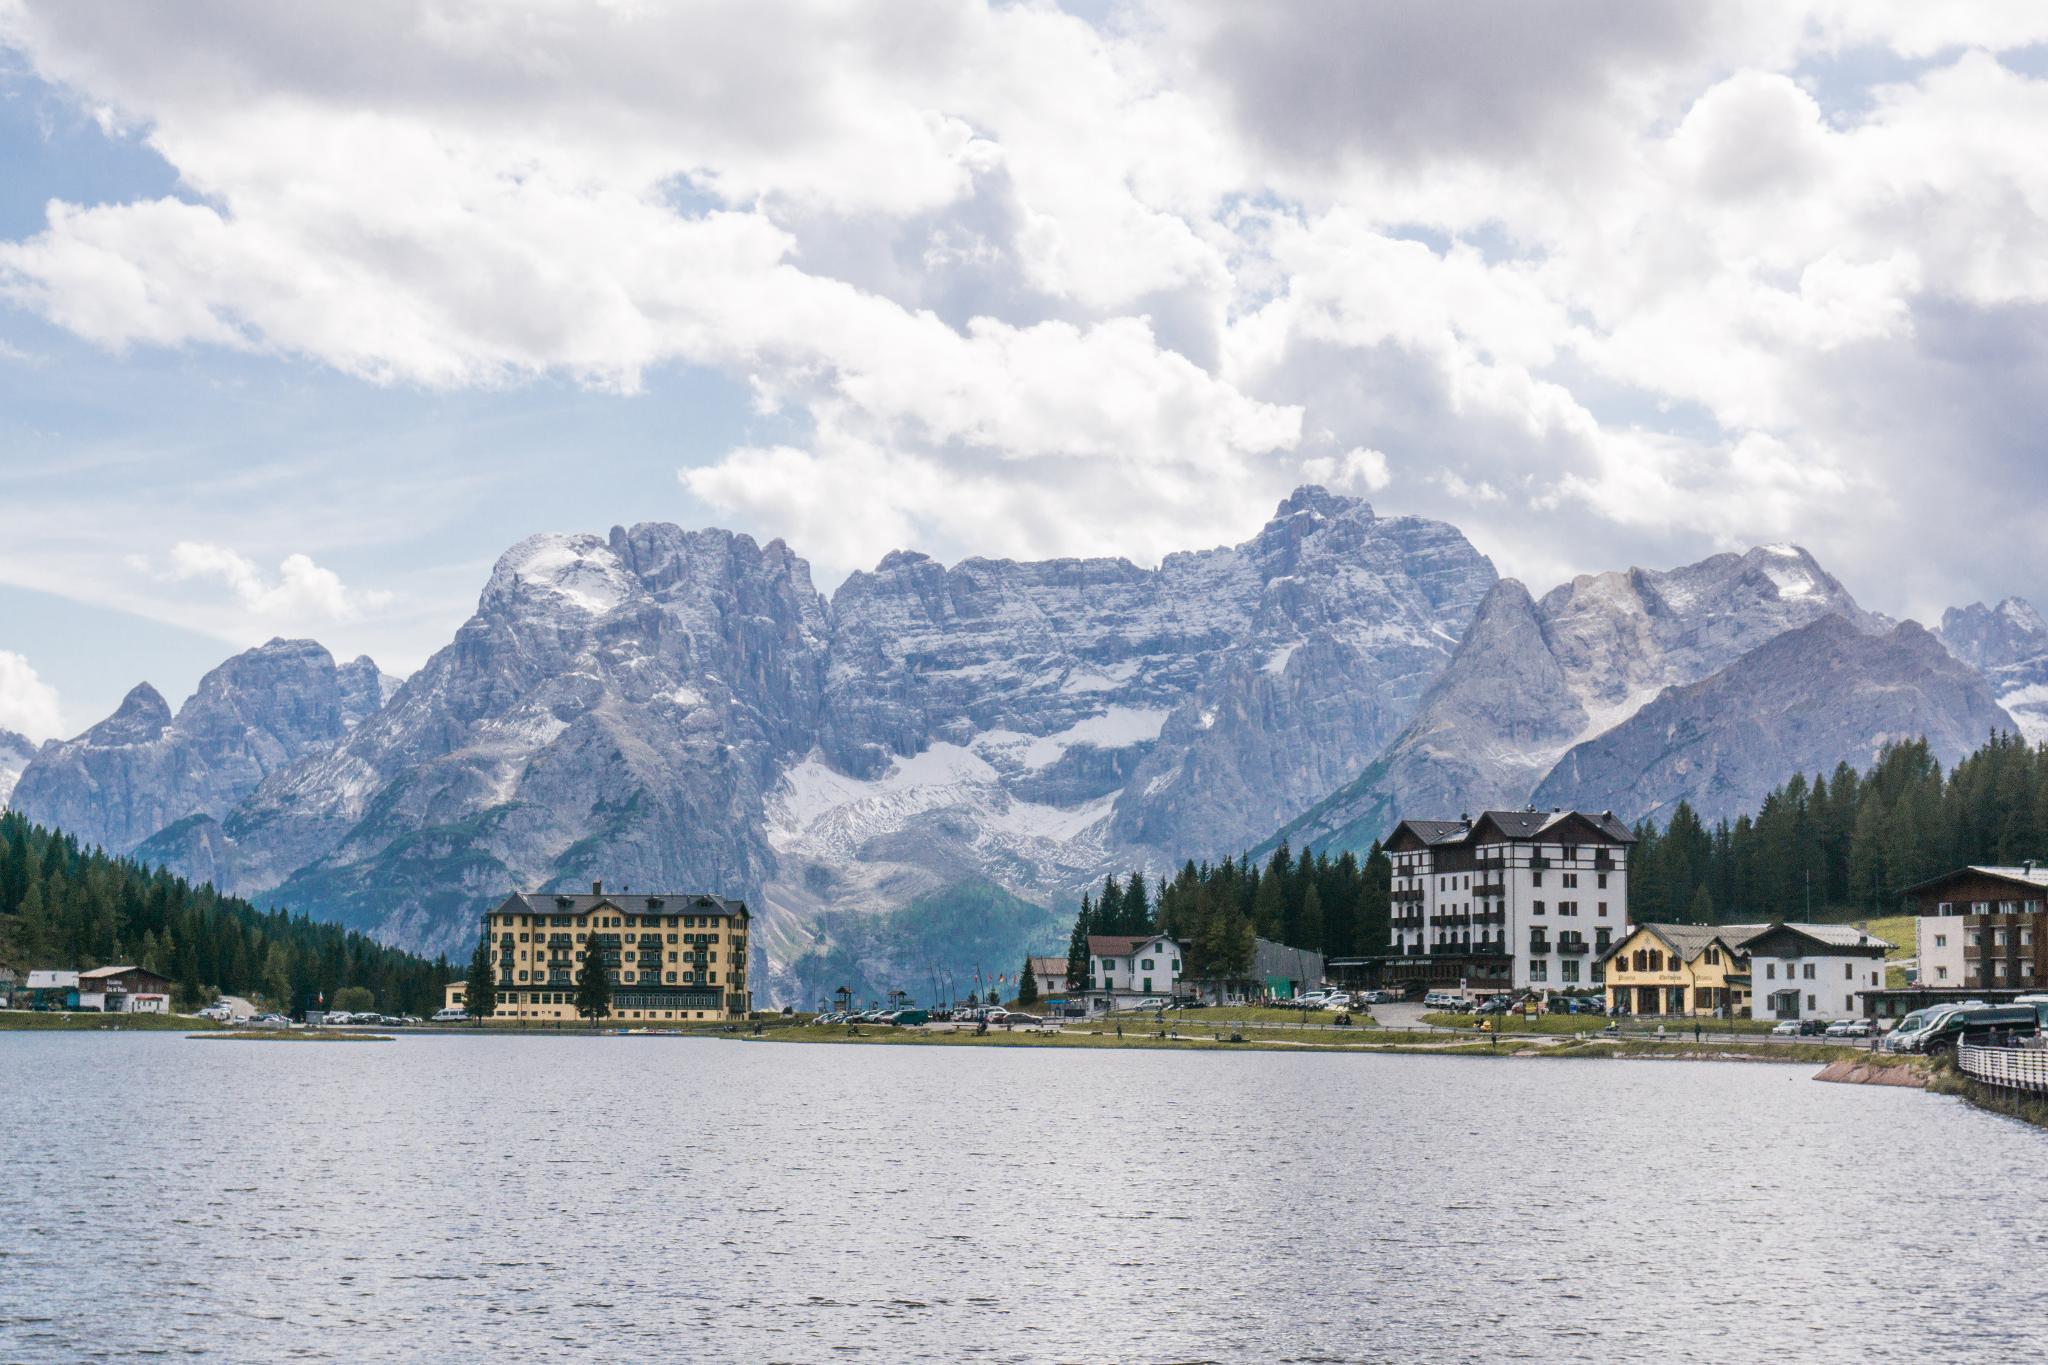 【義大利】健行在阿爾卑斯的絕美秘境:多洛米提山脈 (The Dolomites) 行程規劃全攻略 29